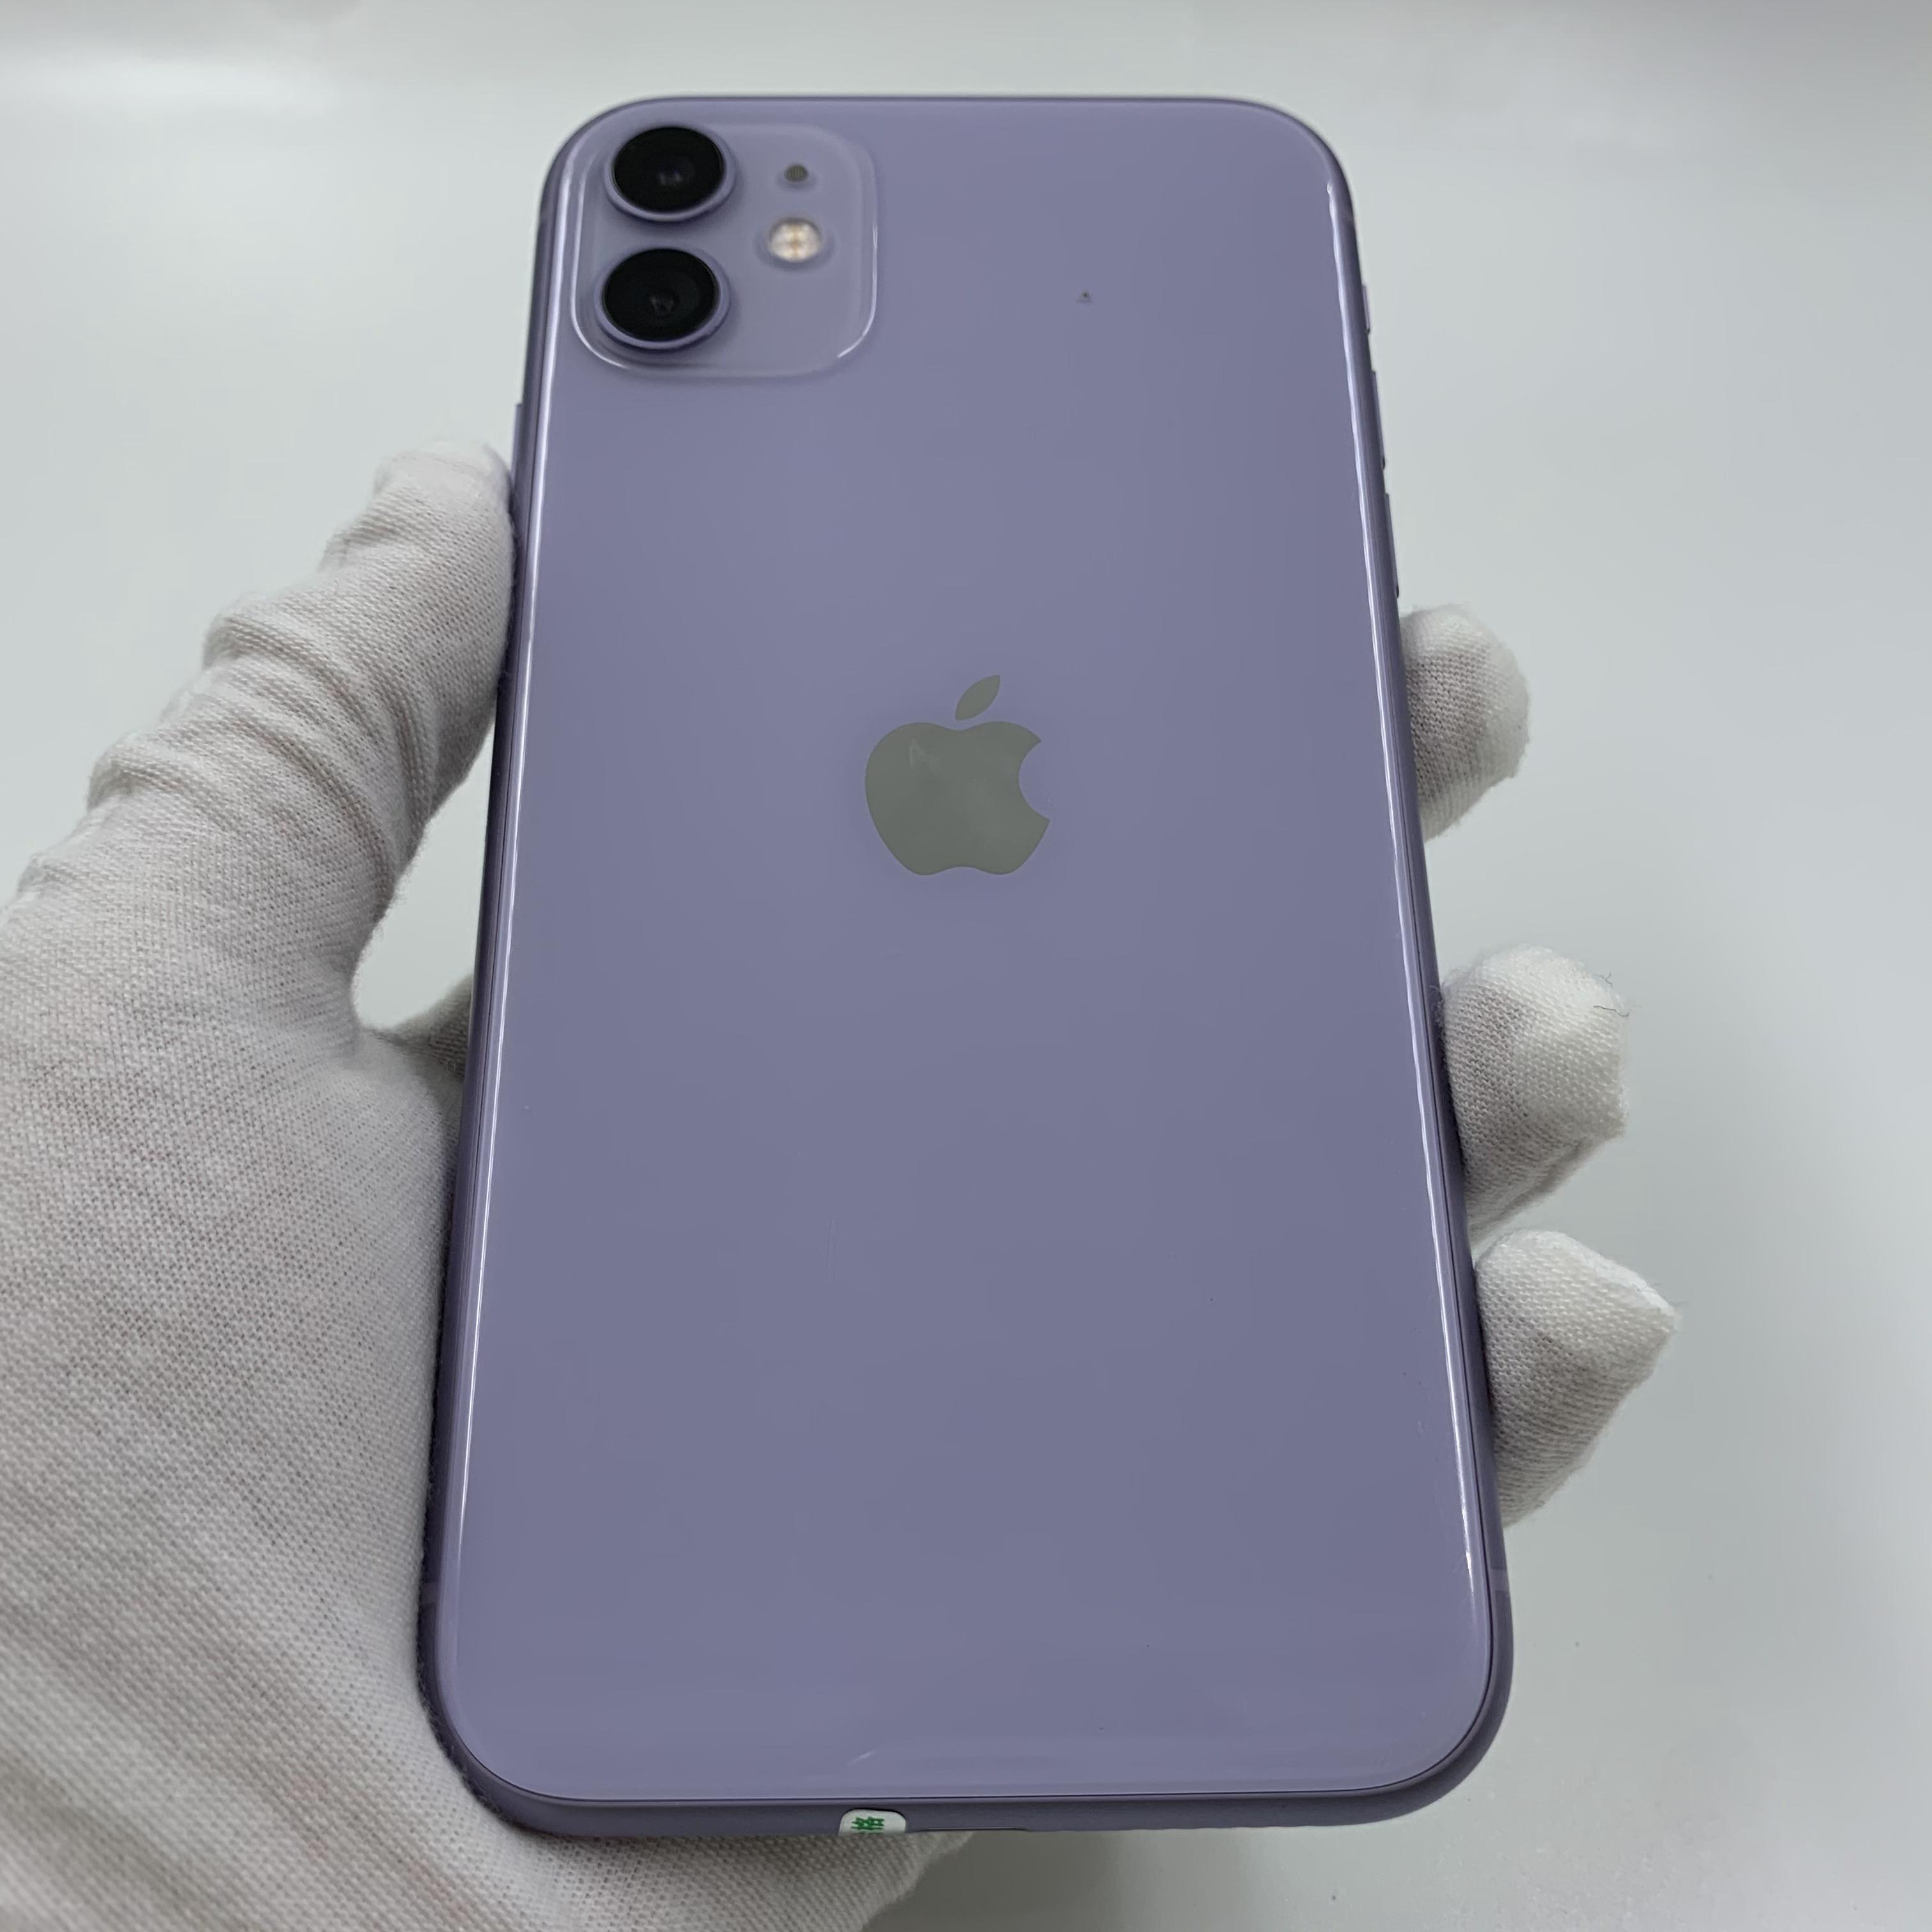 苹果【iPhone 11】4G全网通 紫色 128G 国行 8成新 真机实拍官保2021-05-30